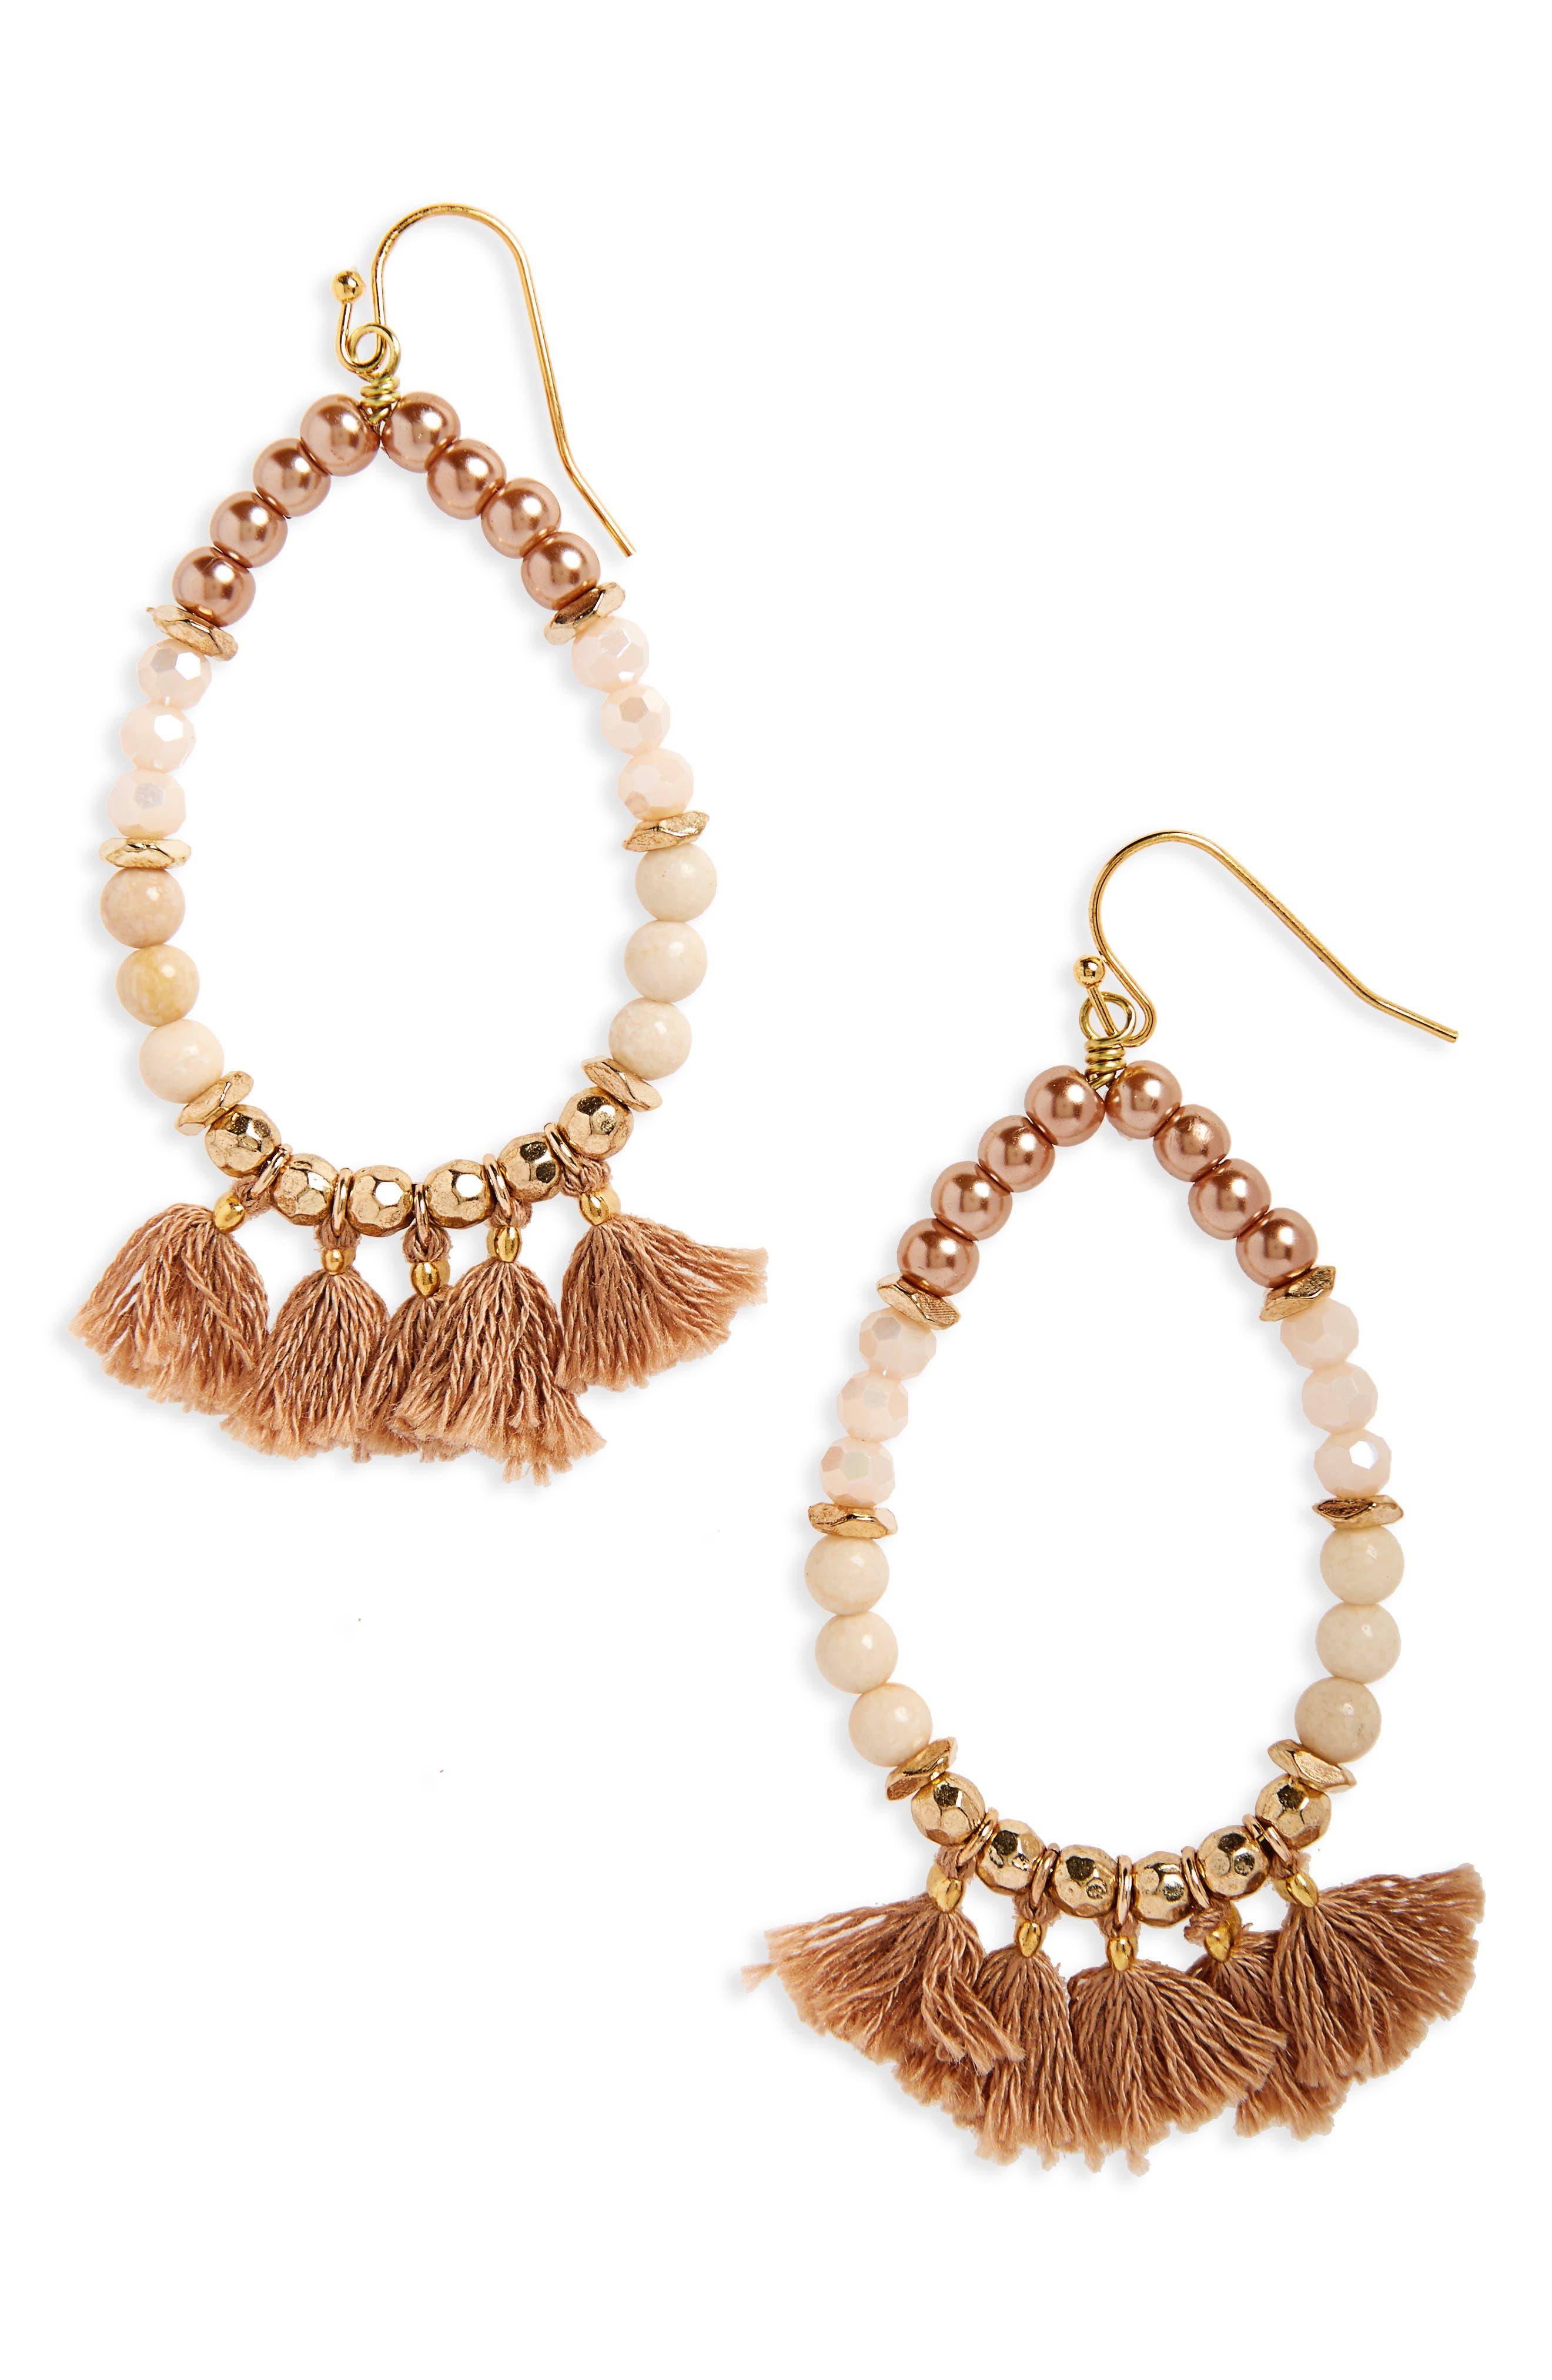 Alternate Image 1 Selected - Panacea Beaded Tassel Earrings